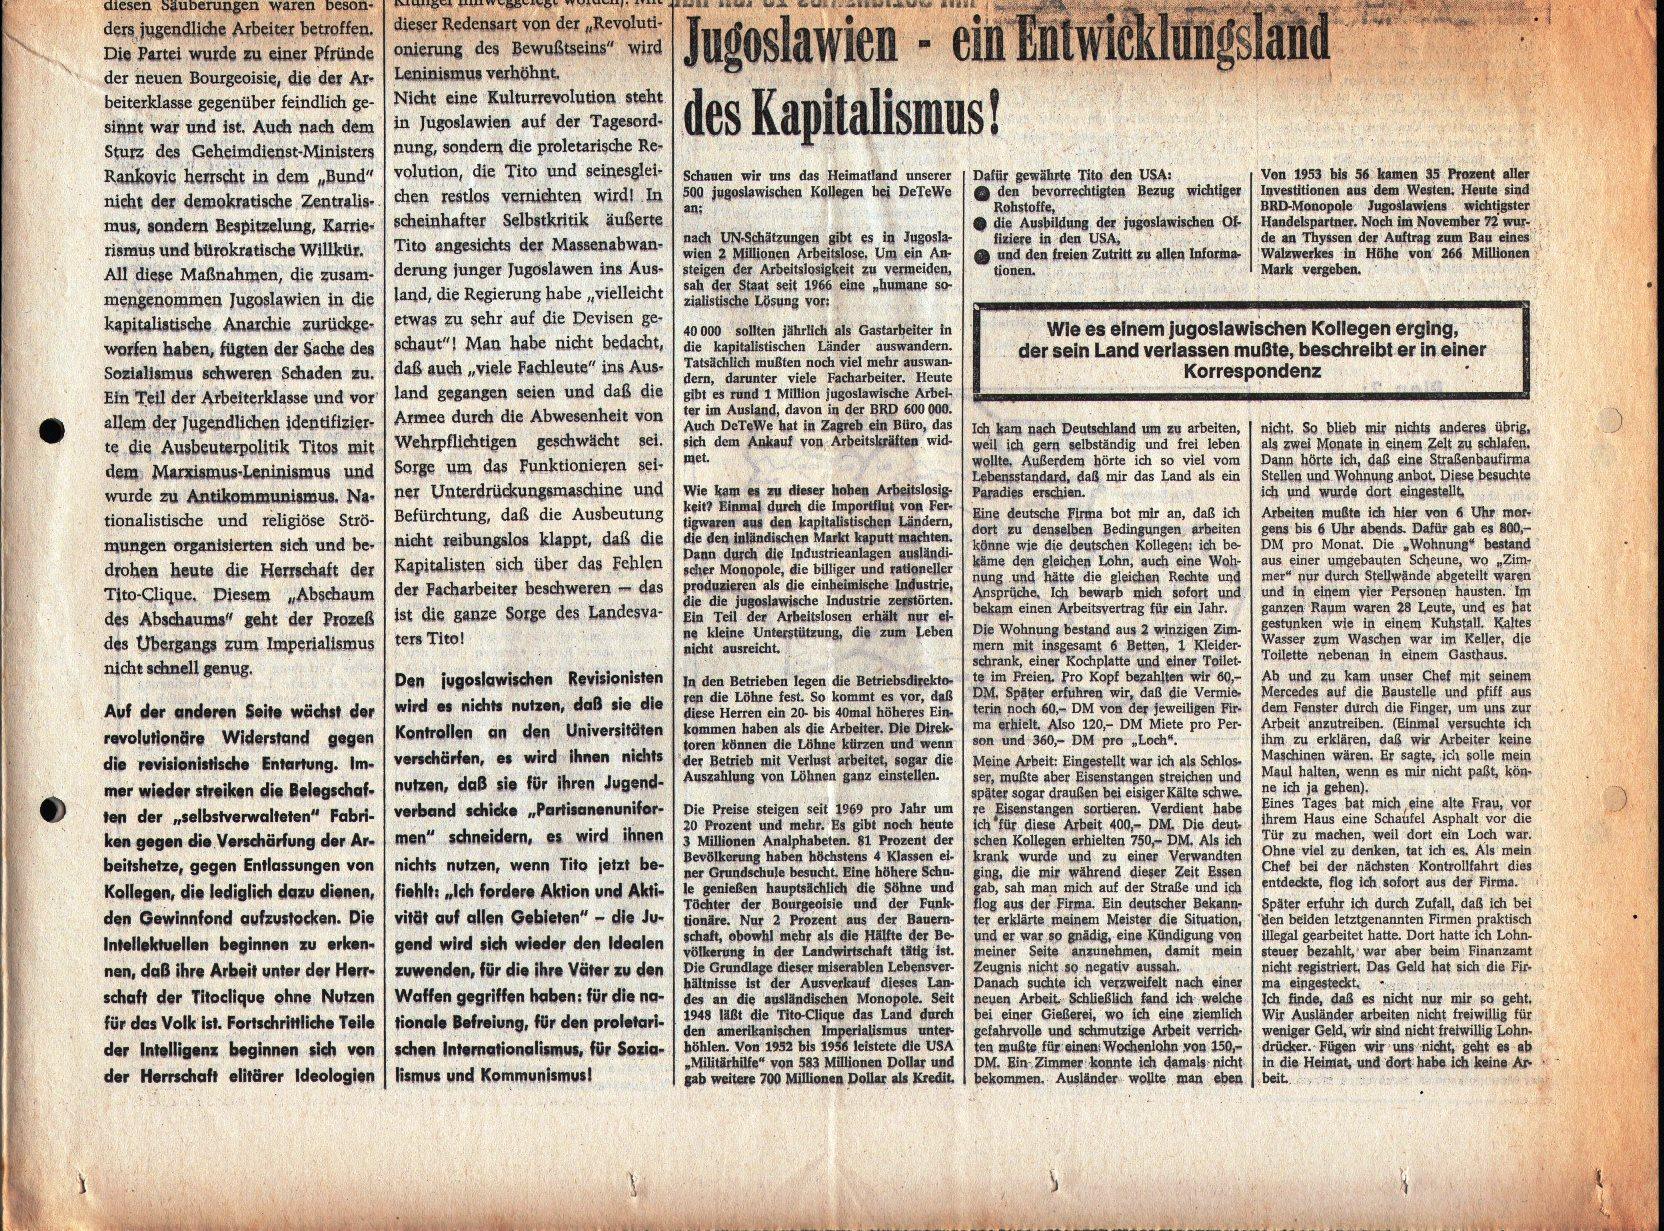 KPD_Rote_Fahne_1972_73_14